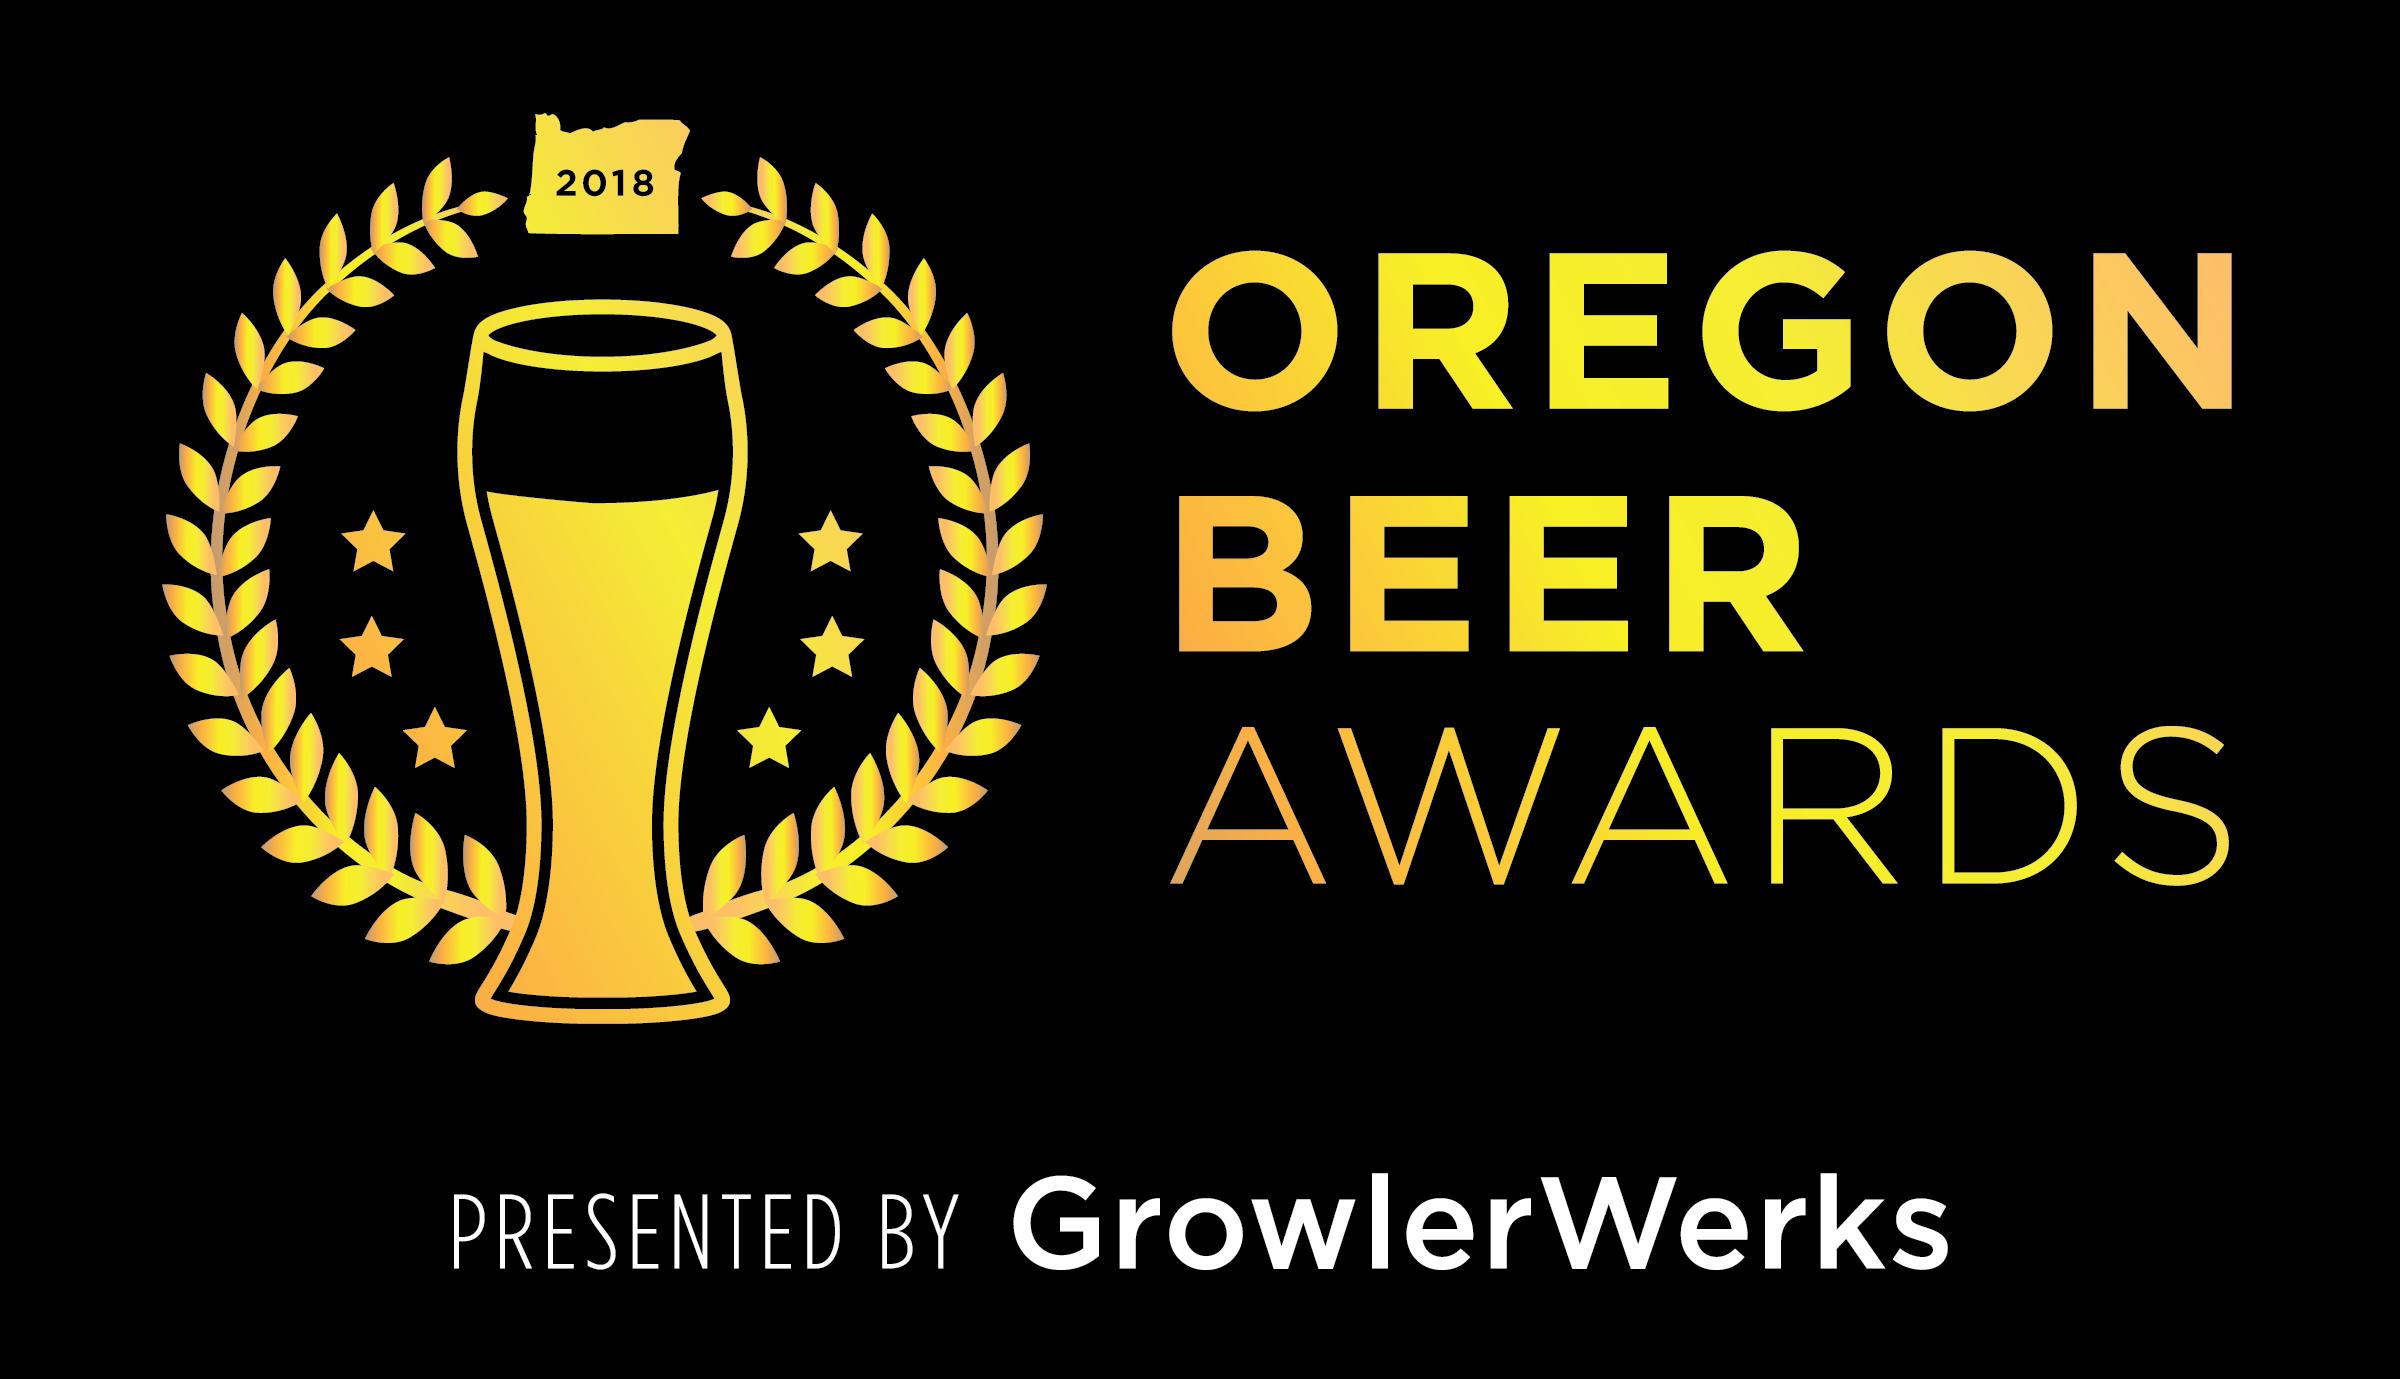 Oregon Beer Awards